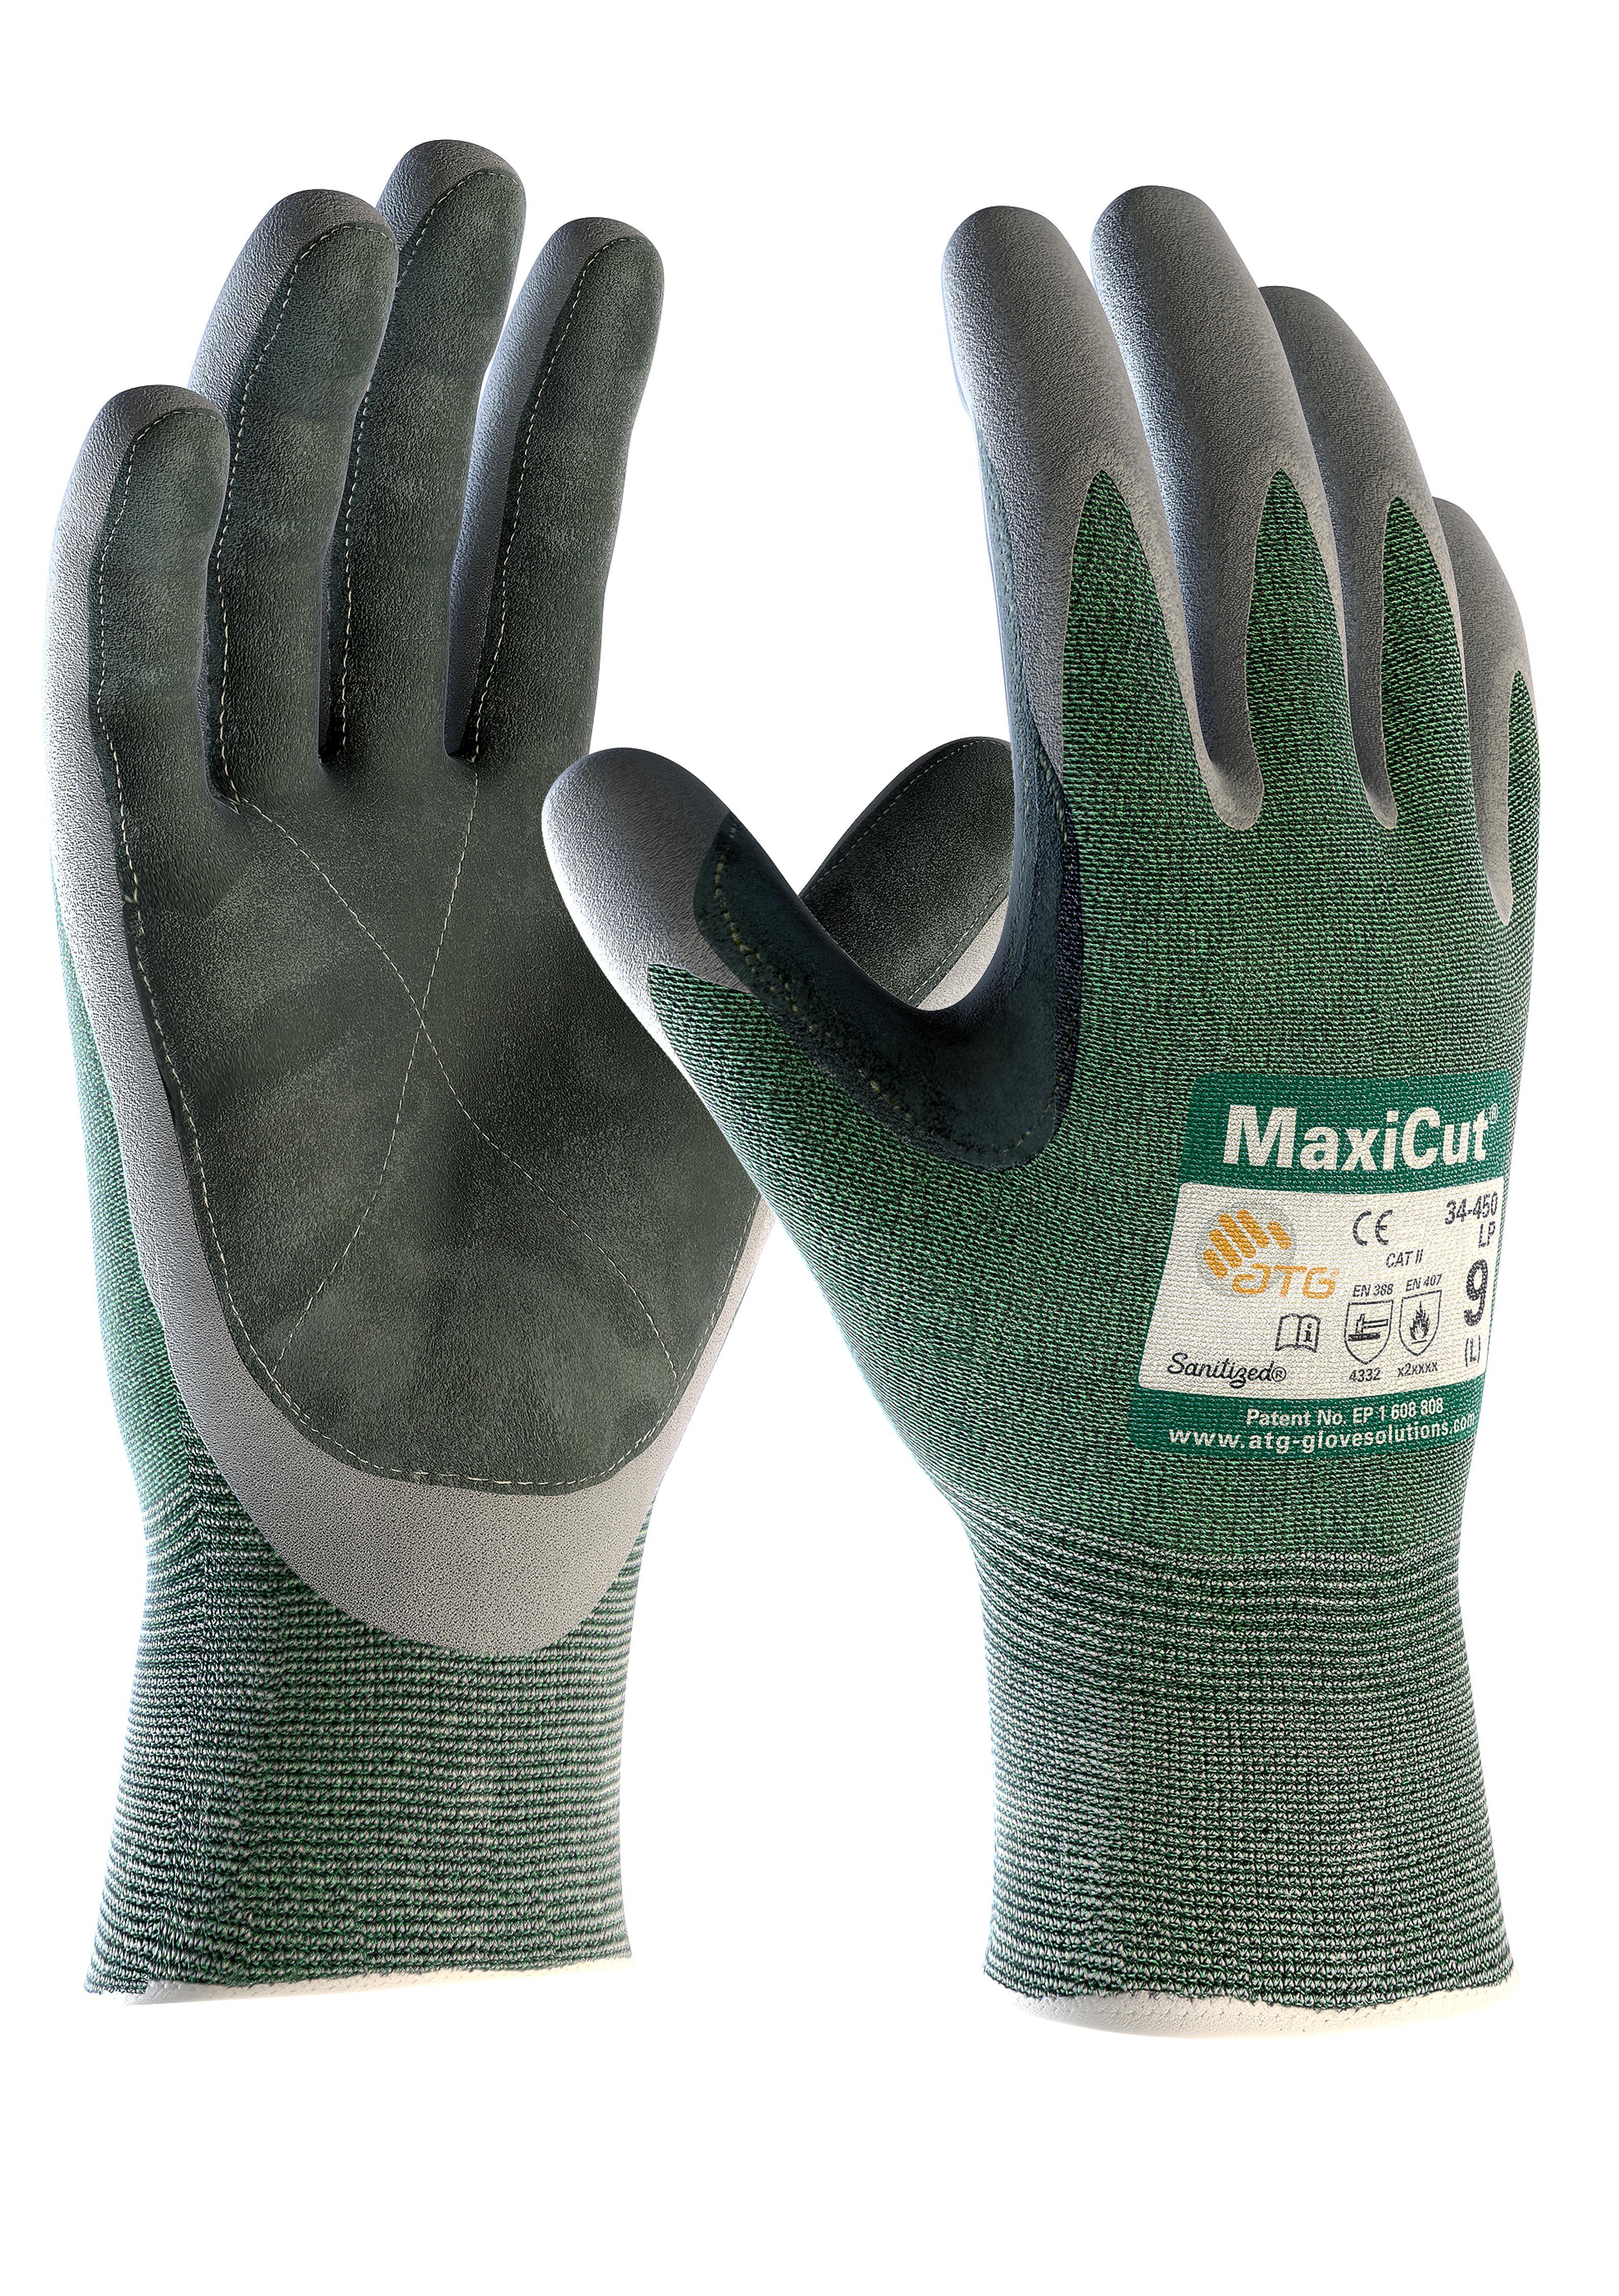 Maxicut Cut 3 Nitrile Coated Glove Ref 34-8743